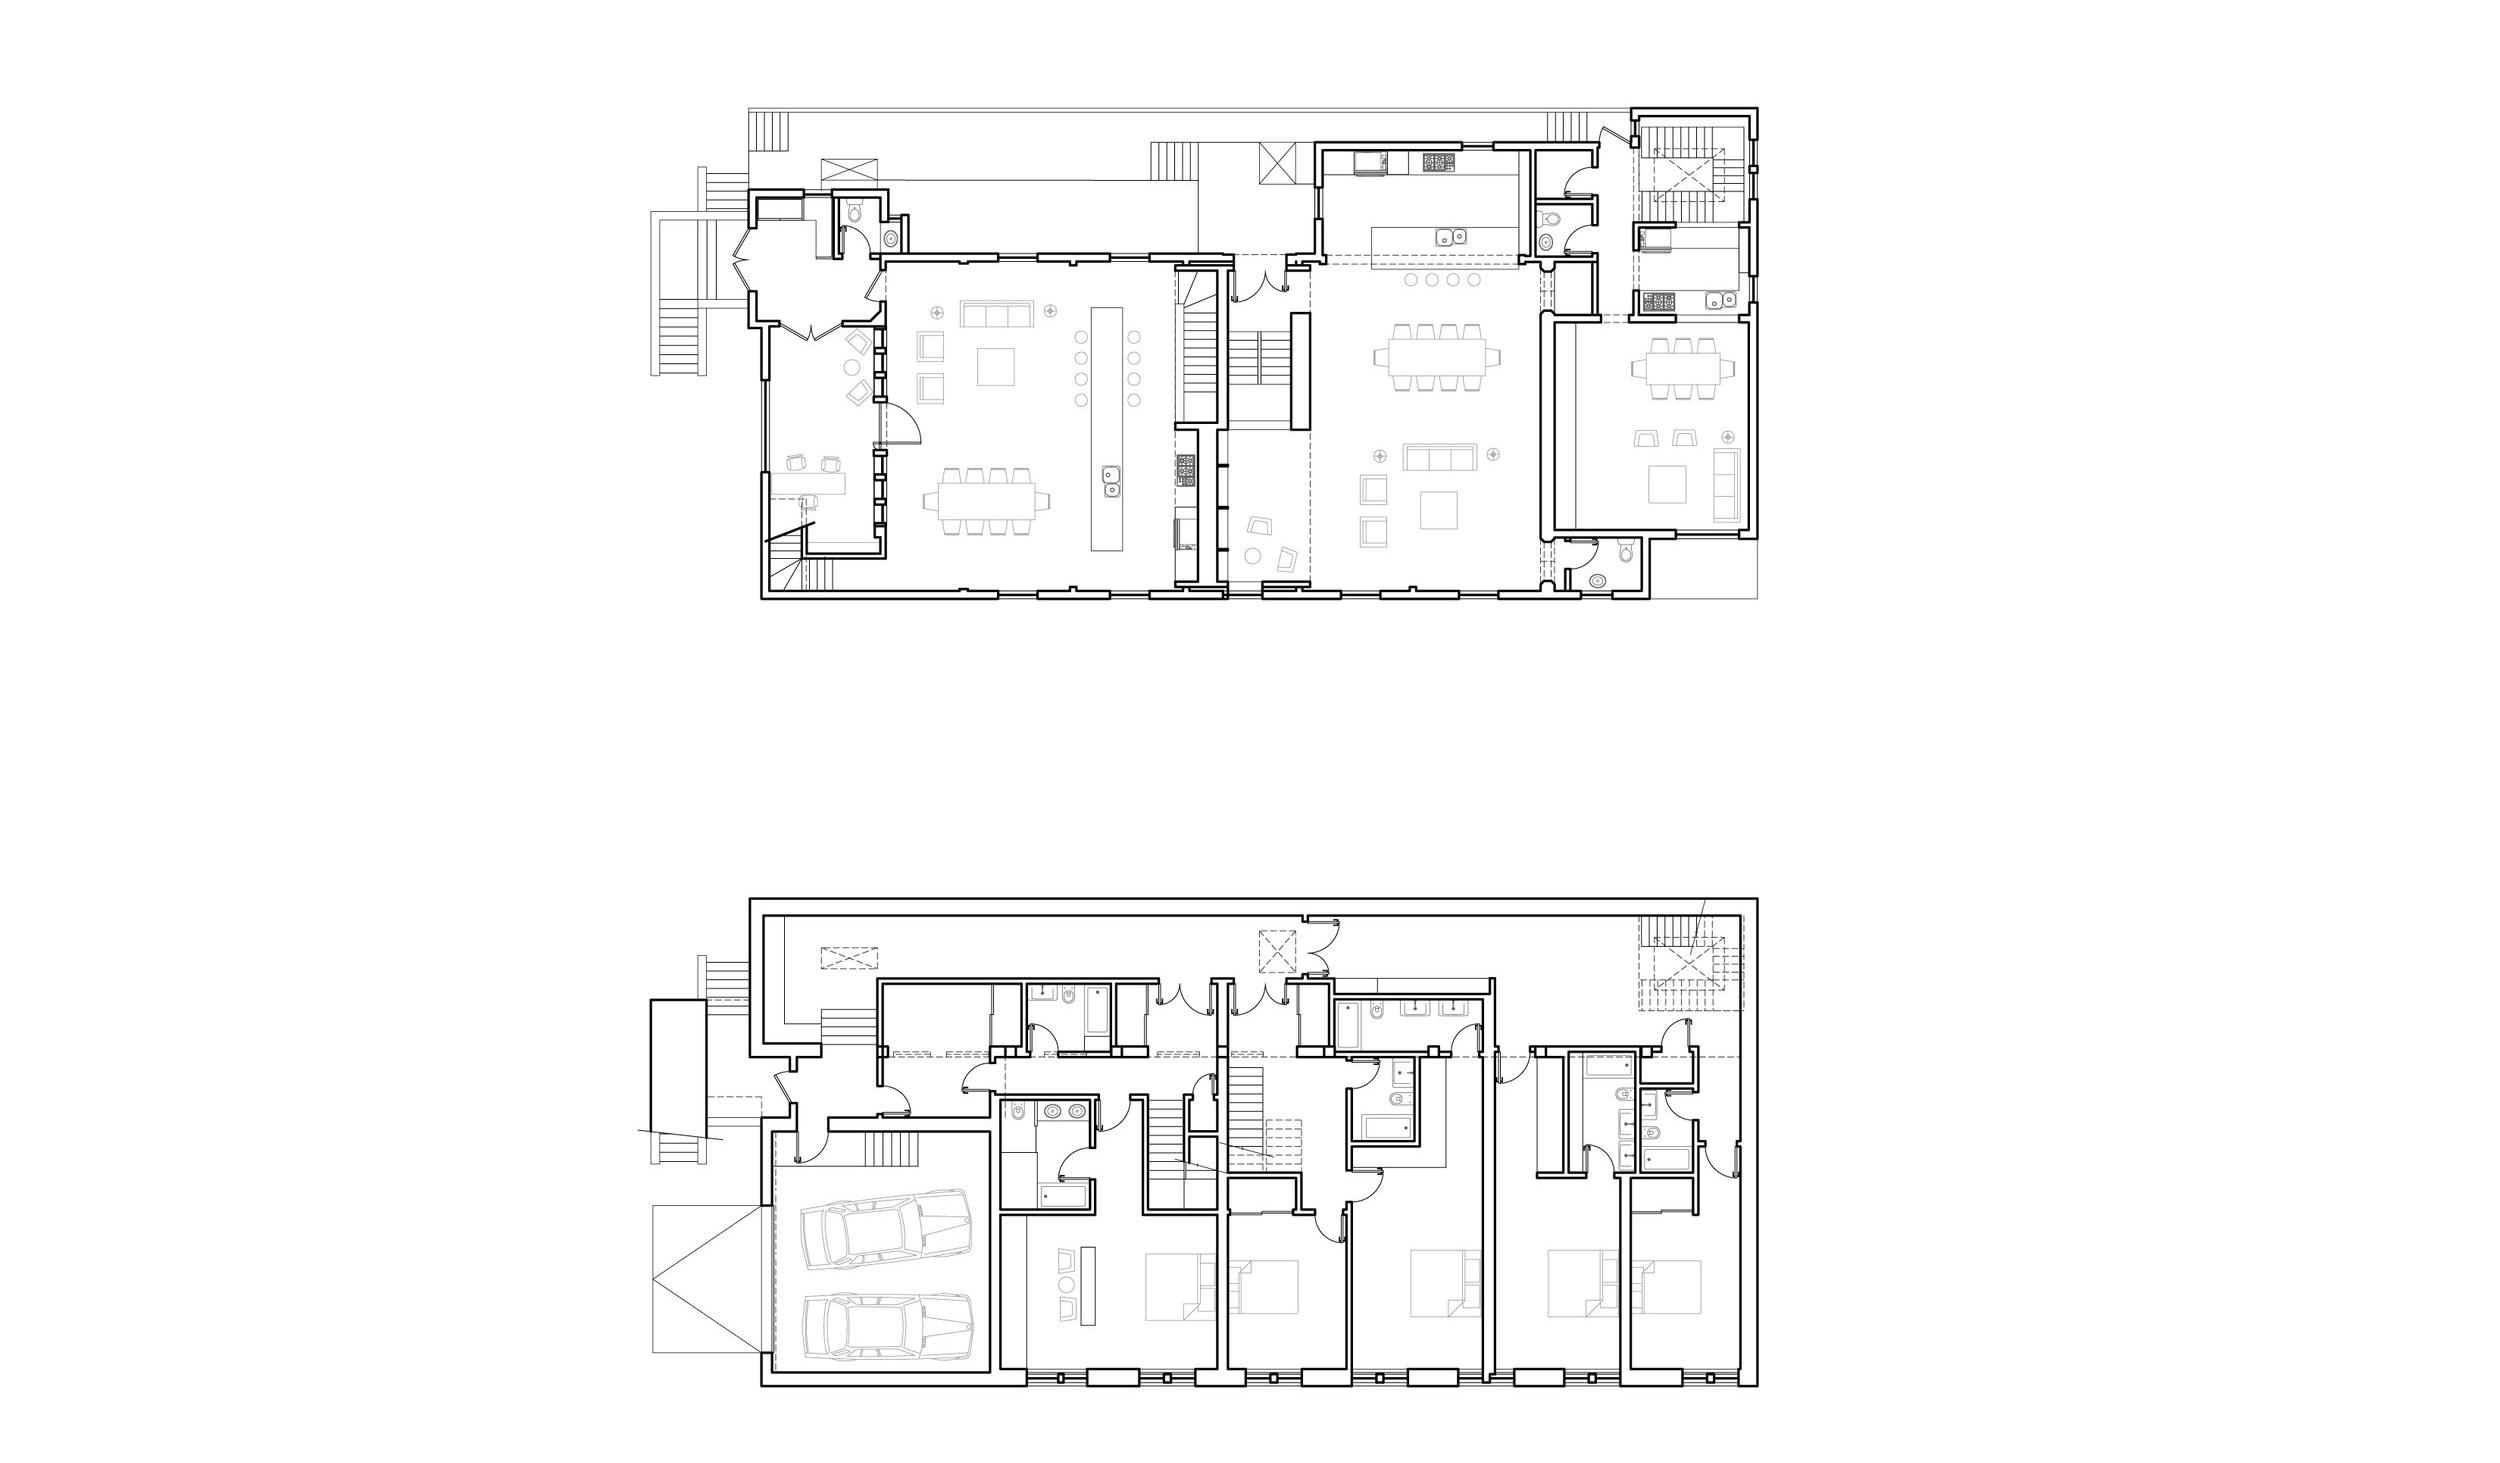 982+Summit+Avenue+drawings_forwebsite-01.jpg